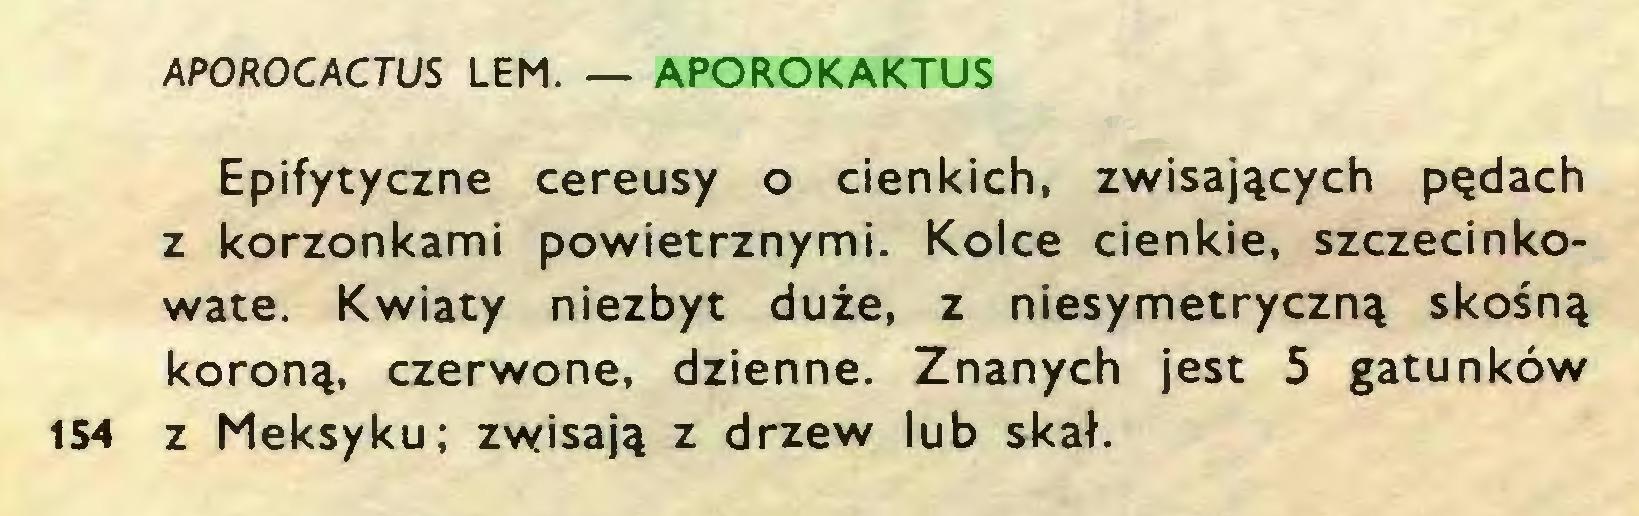 (...) APOROCACTUS LEM. — APOROKAKTUS Epifytyczne cereusy o cienkich, zwisających pędach z korzonkami powietrznymi. Kolce cienkie, szczecinkowate. Kwiaty niezbyt duże, z niesymetryczną skośną koroną, czerwone, dzienne. Znanych jest 5 gatunków 154 z Meksyku; zwisają z drzew lub skał...